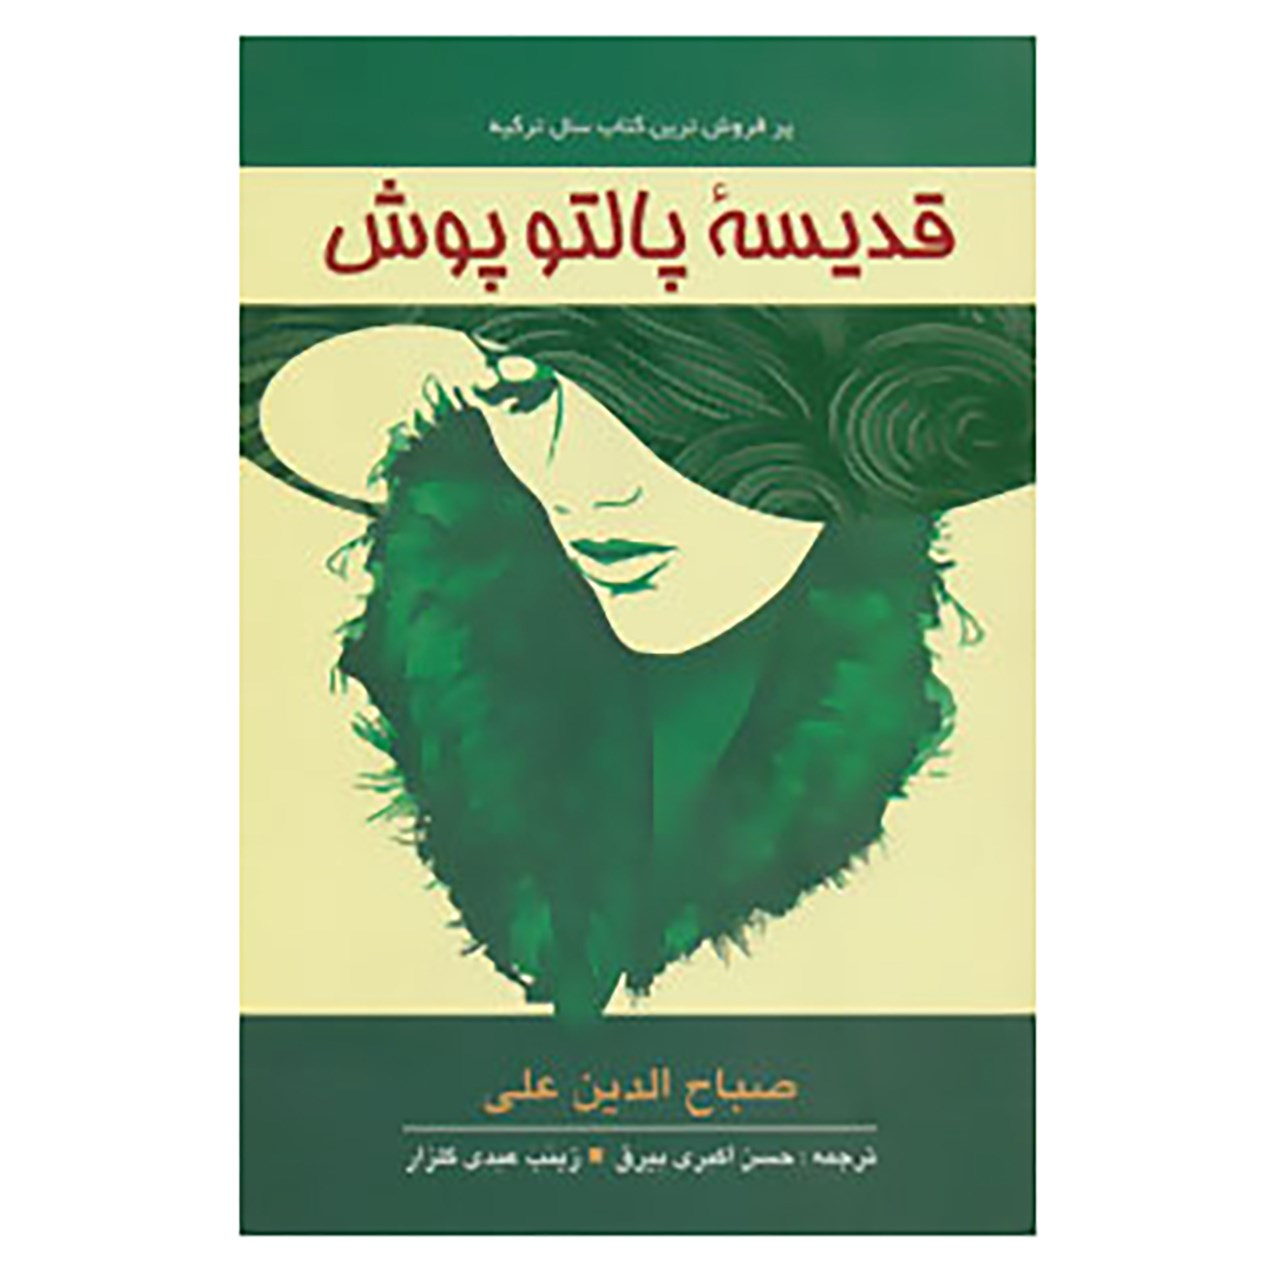 کتاب قدیسه پالتو پوش اثر صباح الدین علی